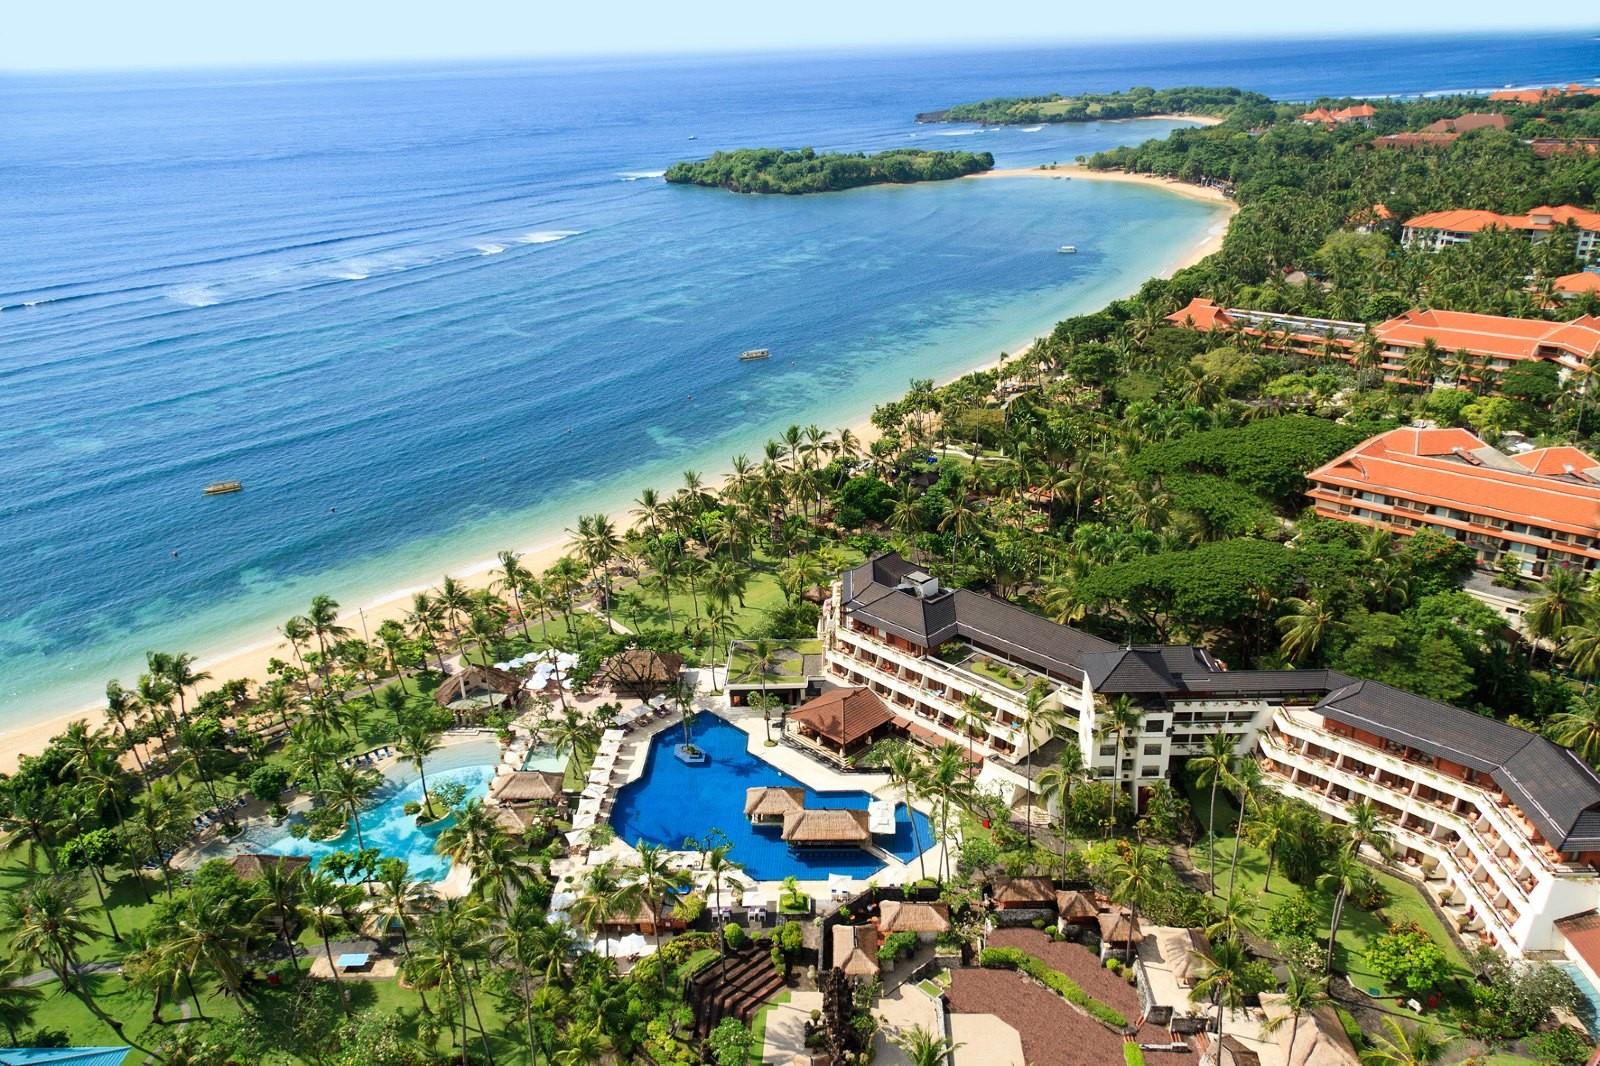 巴厘岛最佳旅游时间_旅行攻略大全_海外旅游景点住宿攻略-第六感